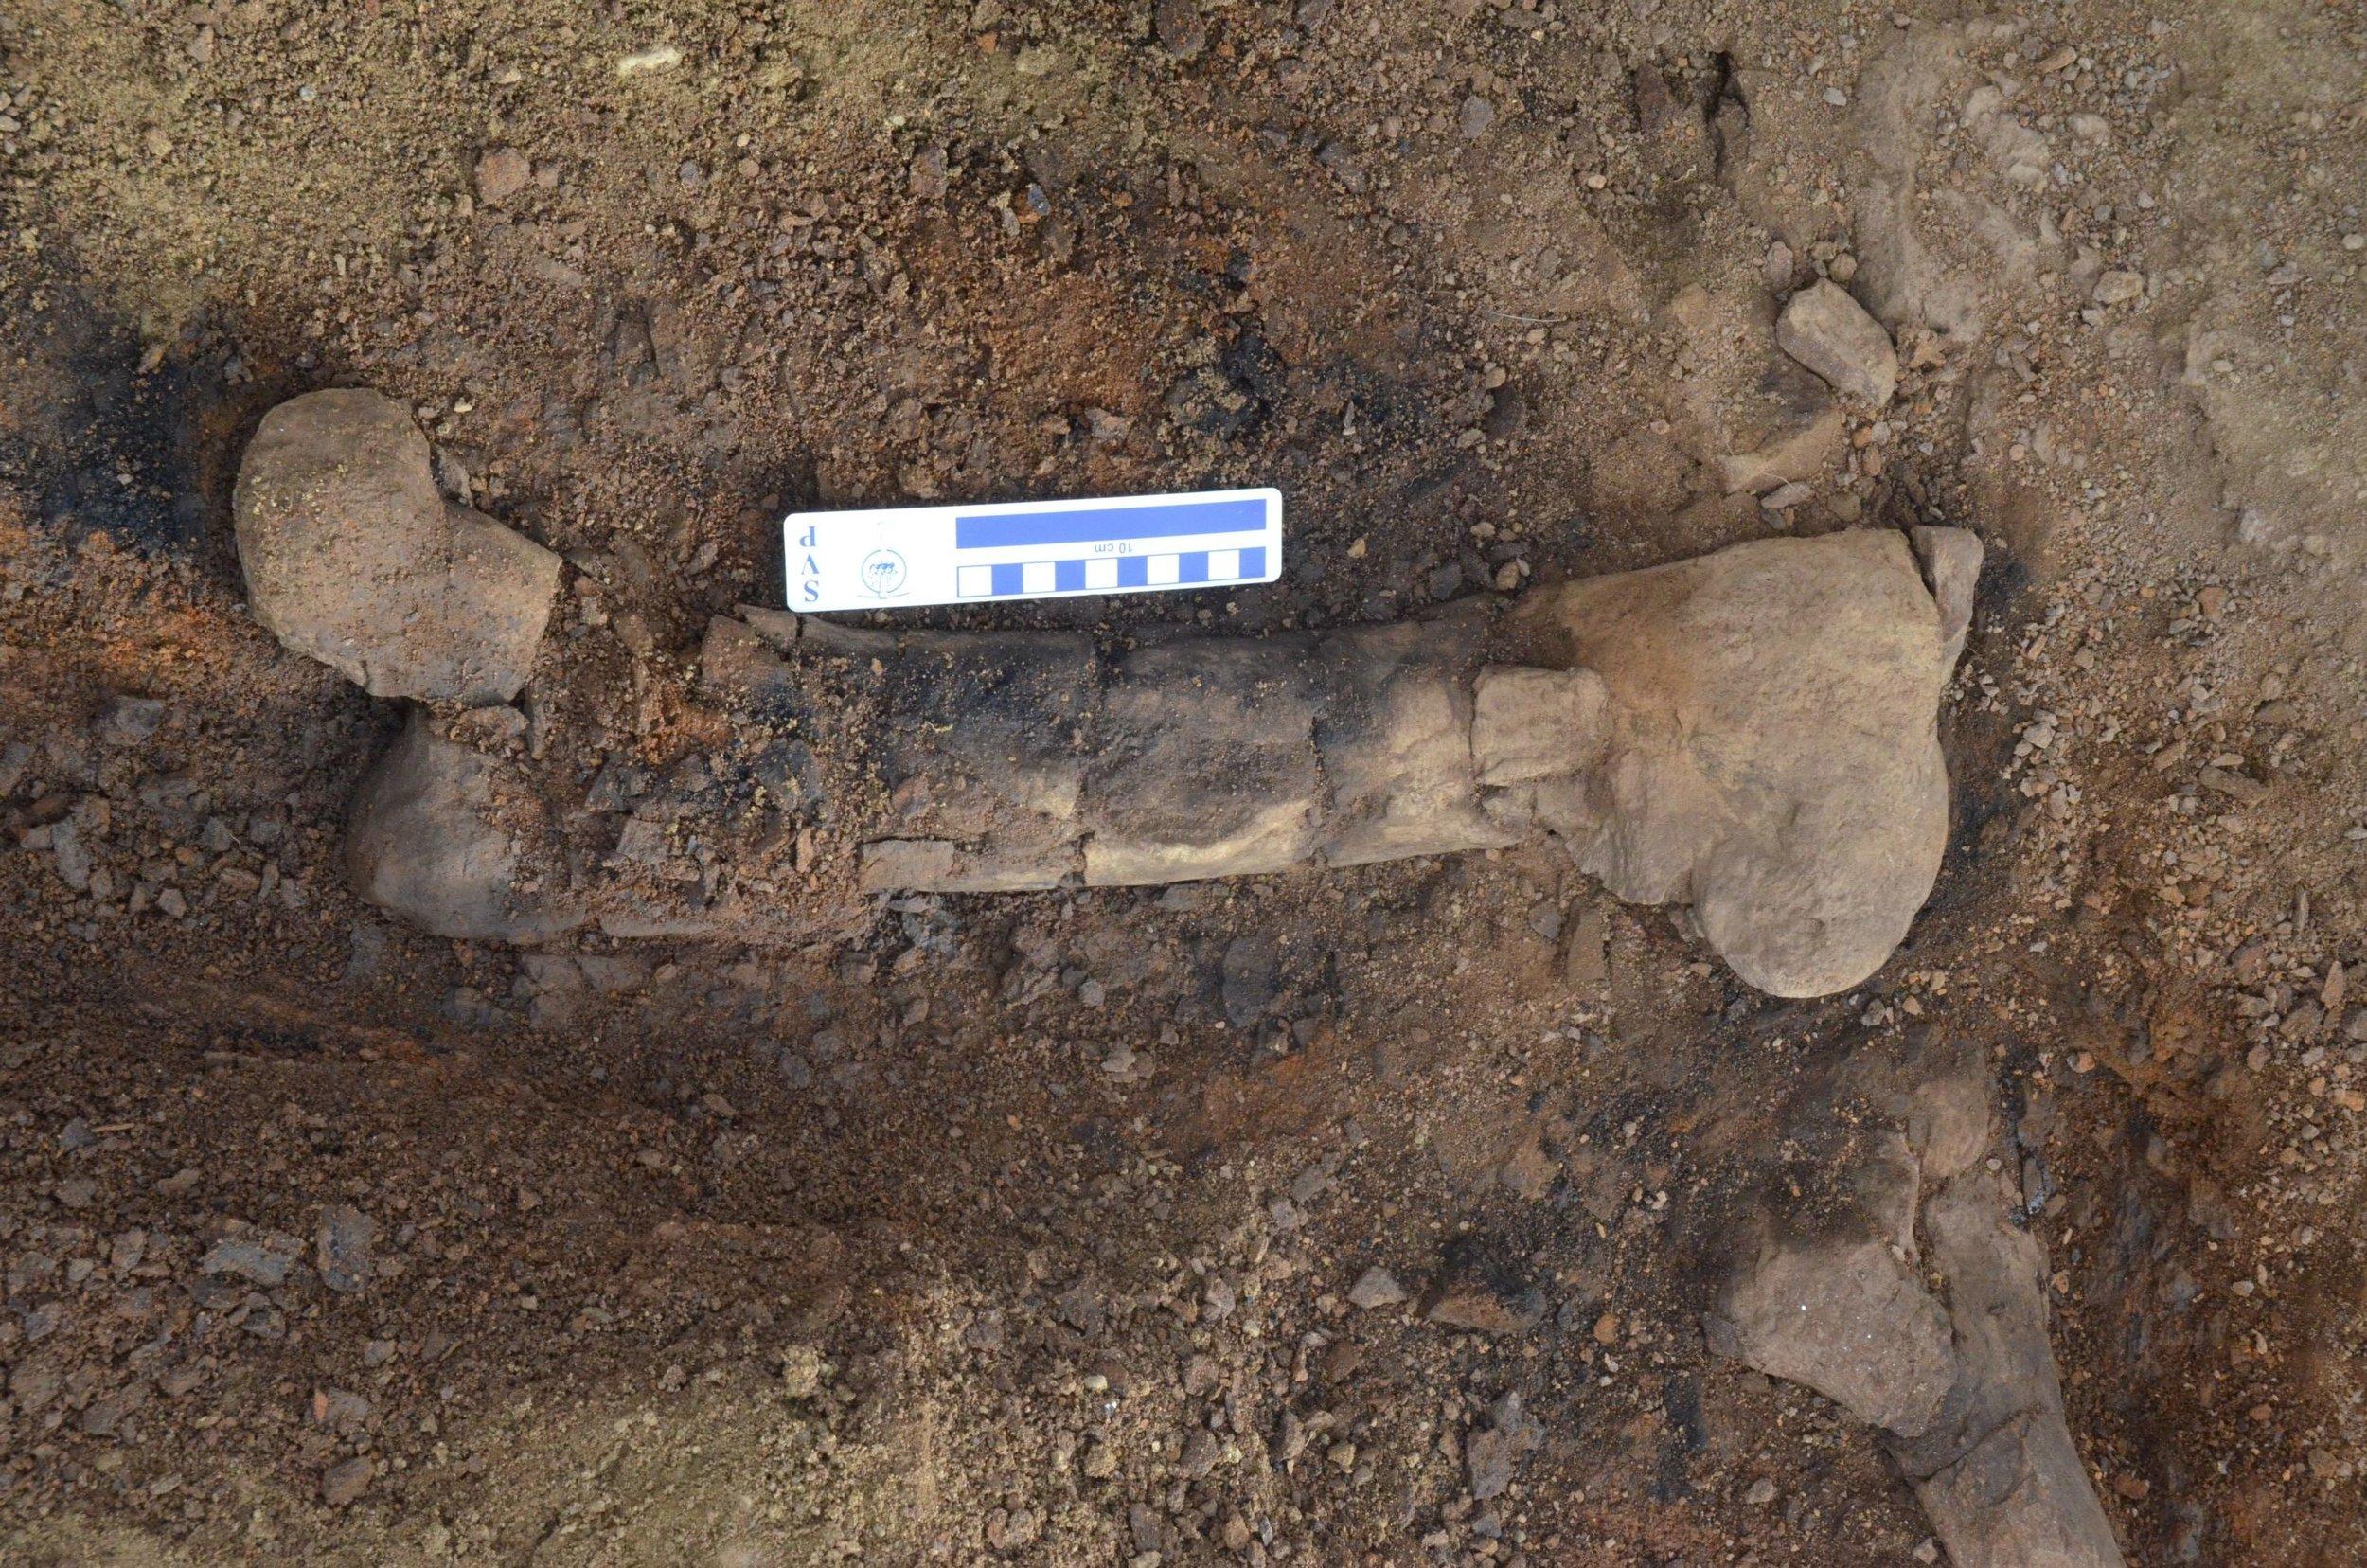 4_hueso de hadrosaurio.JPG